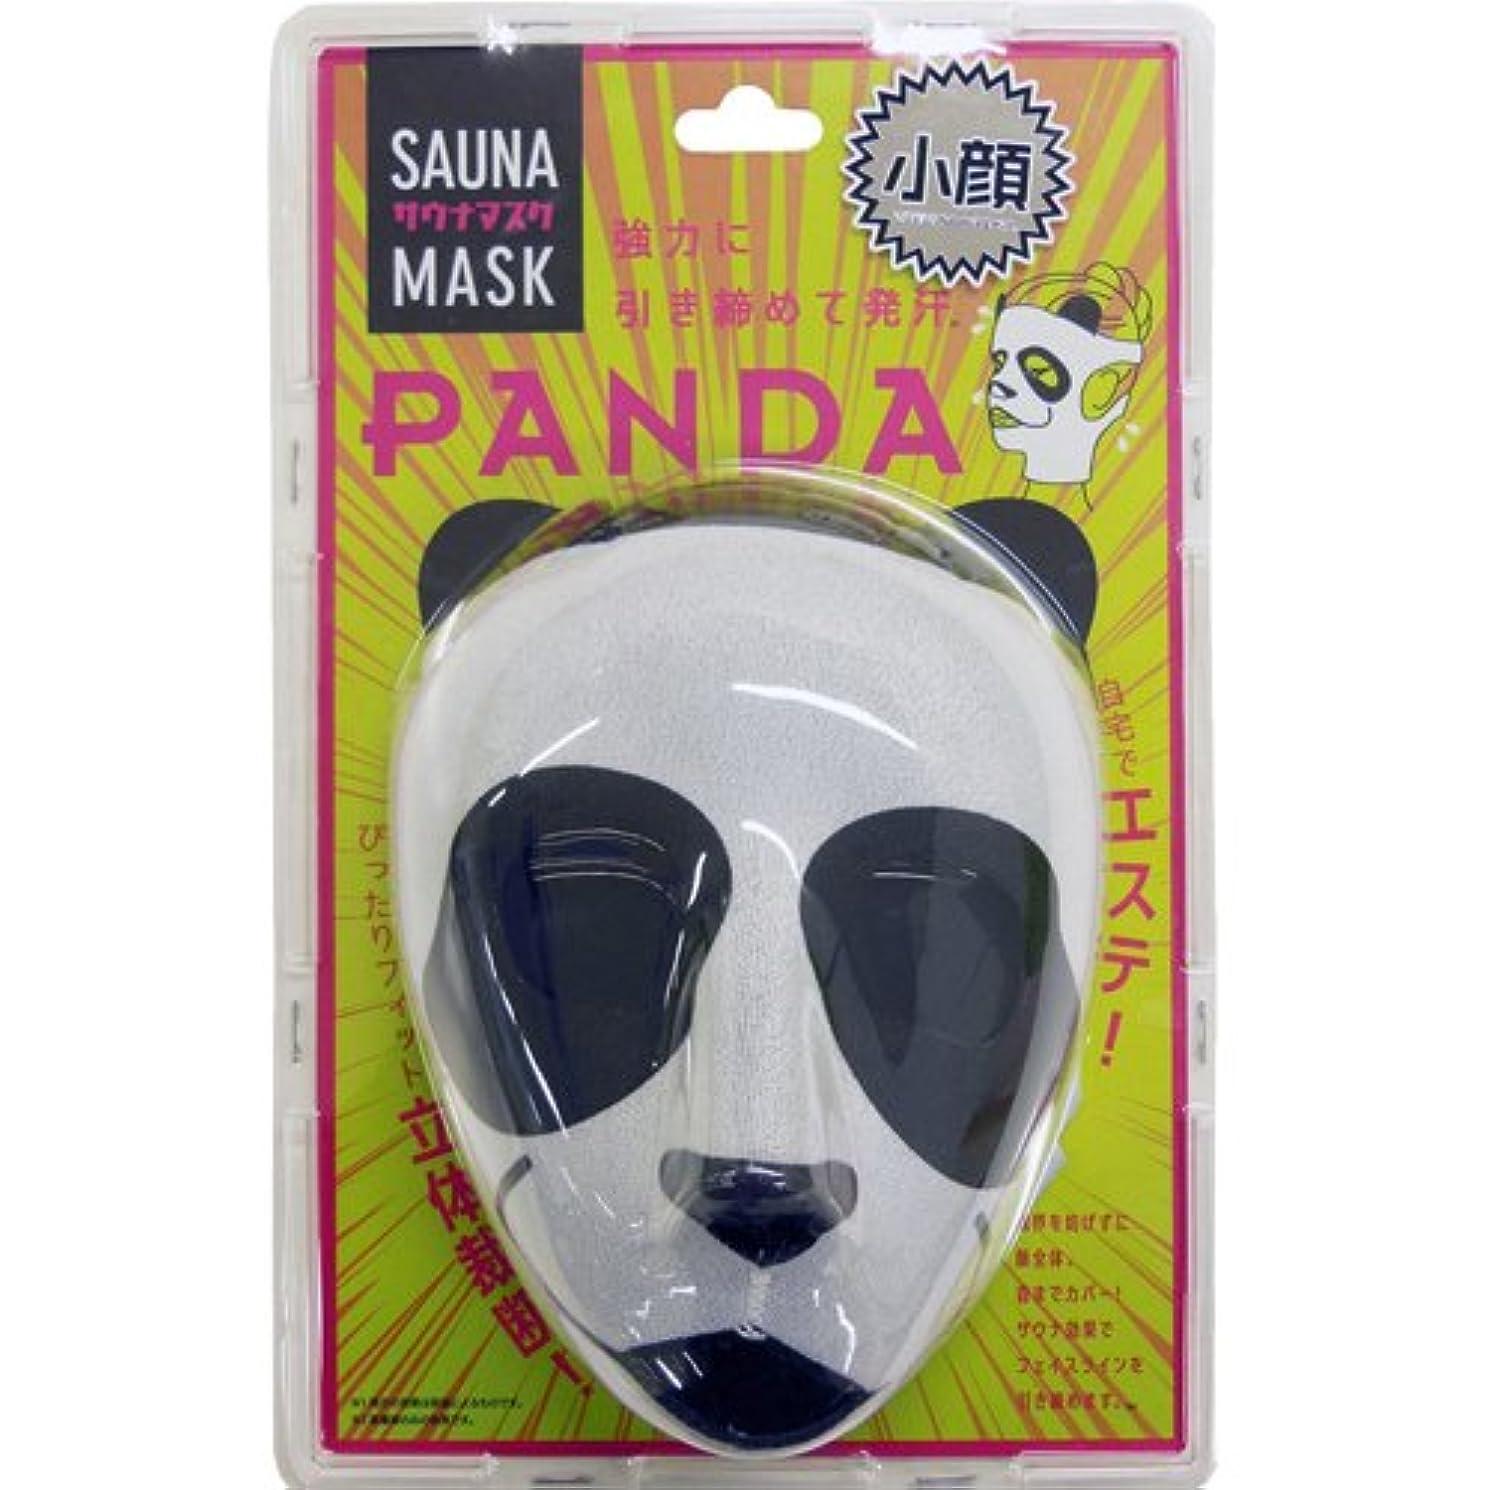 ロデオどんよりしたどんよりしたコジット サウナマスク PANDA (1個)